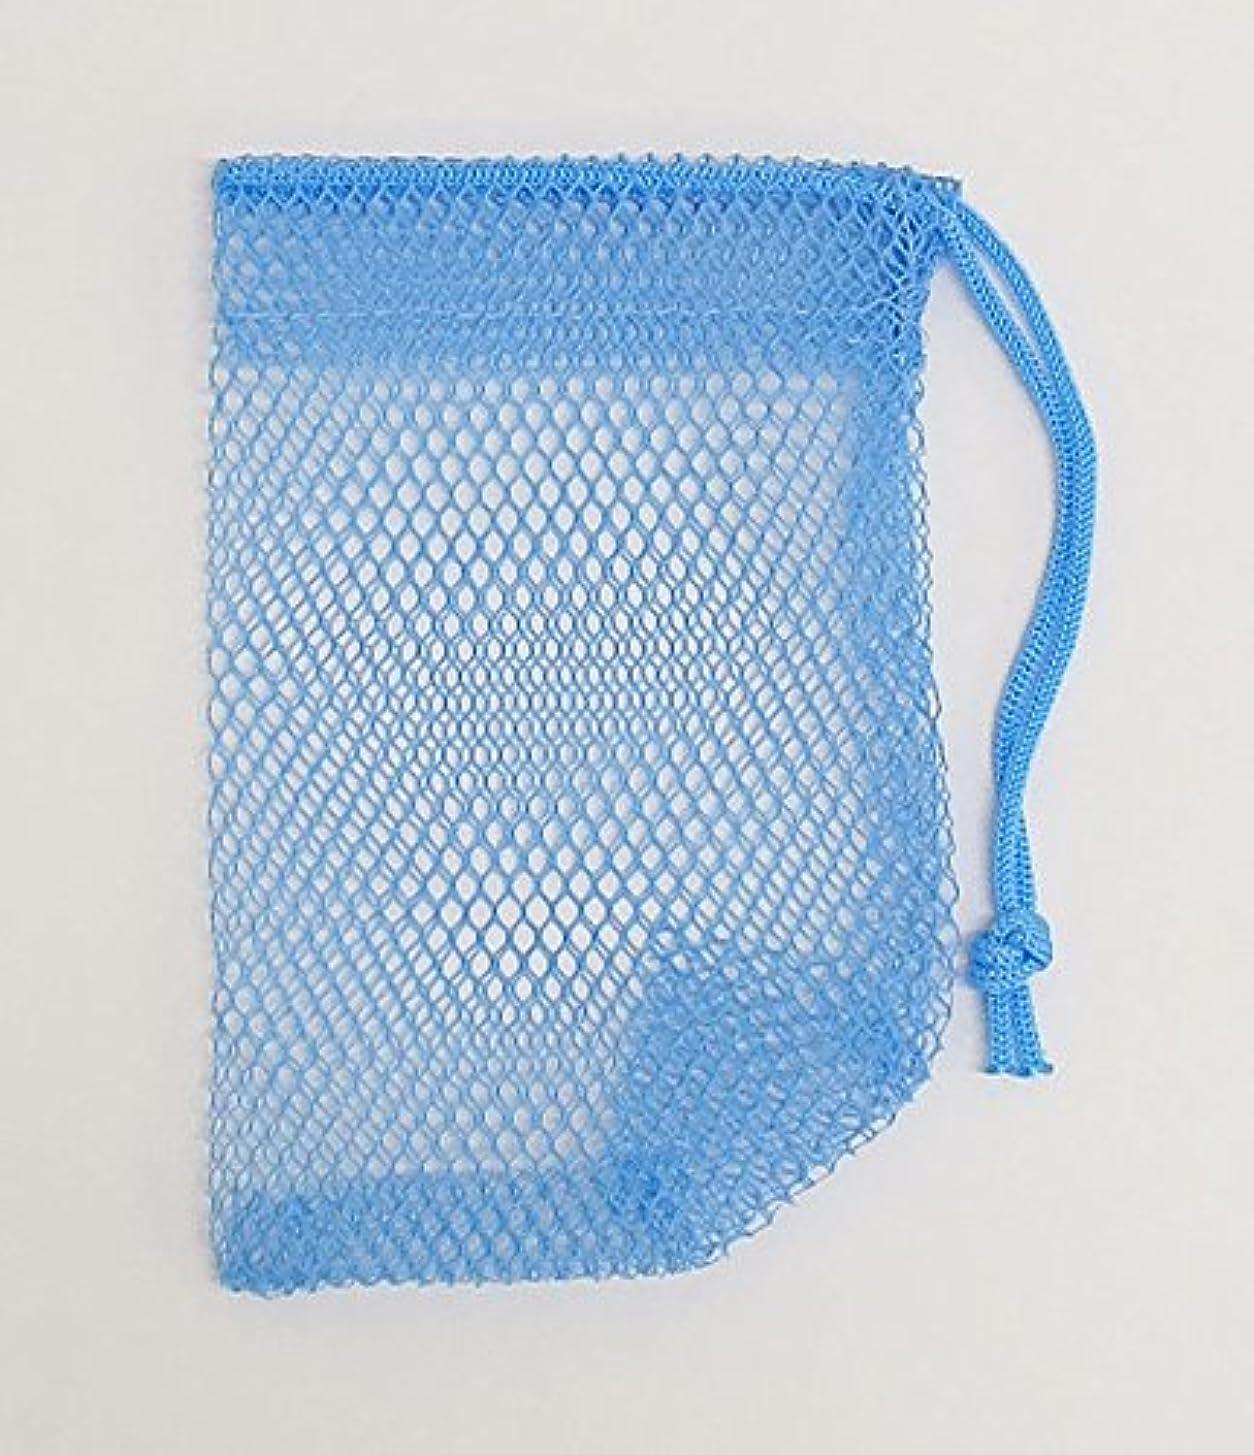 鉄ビット普通に石けんネット ひもタイプ 20枚組 ブルー